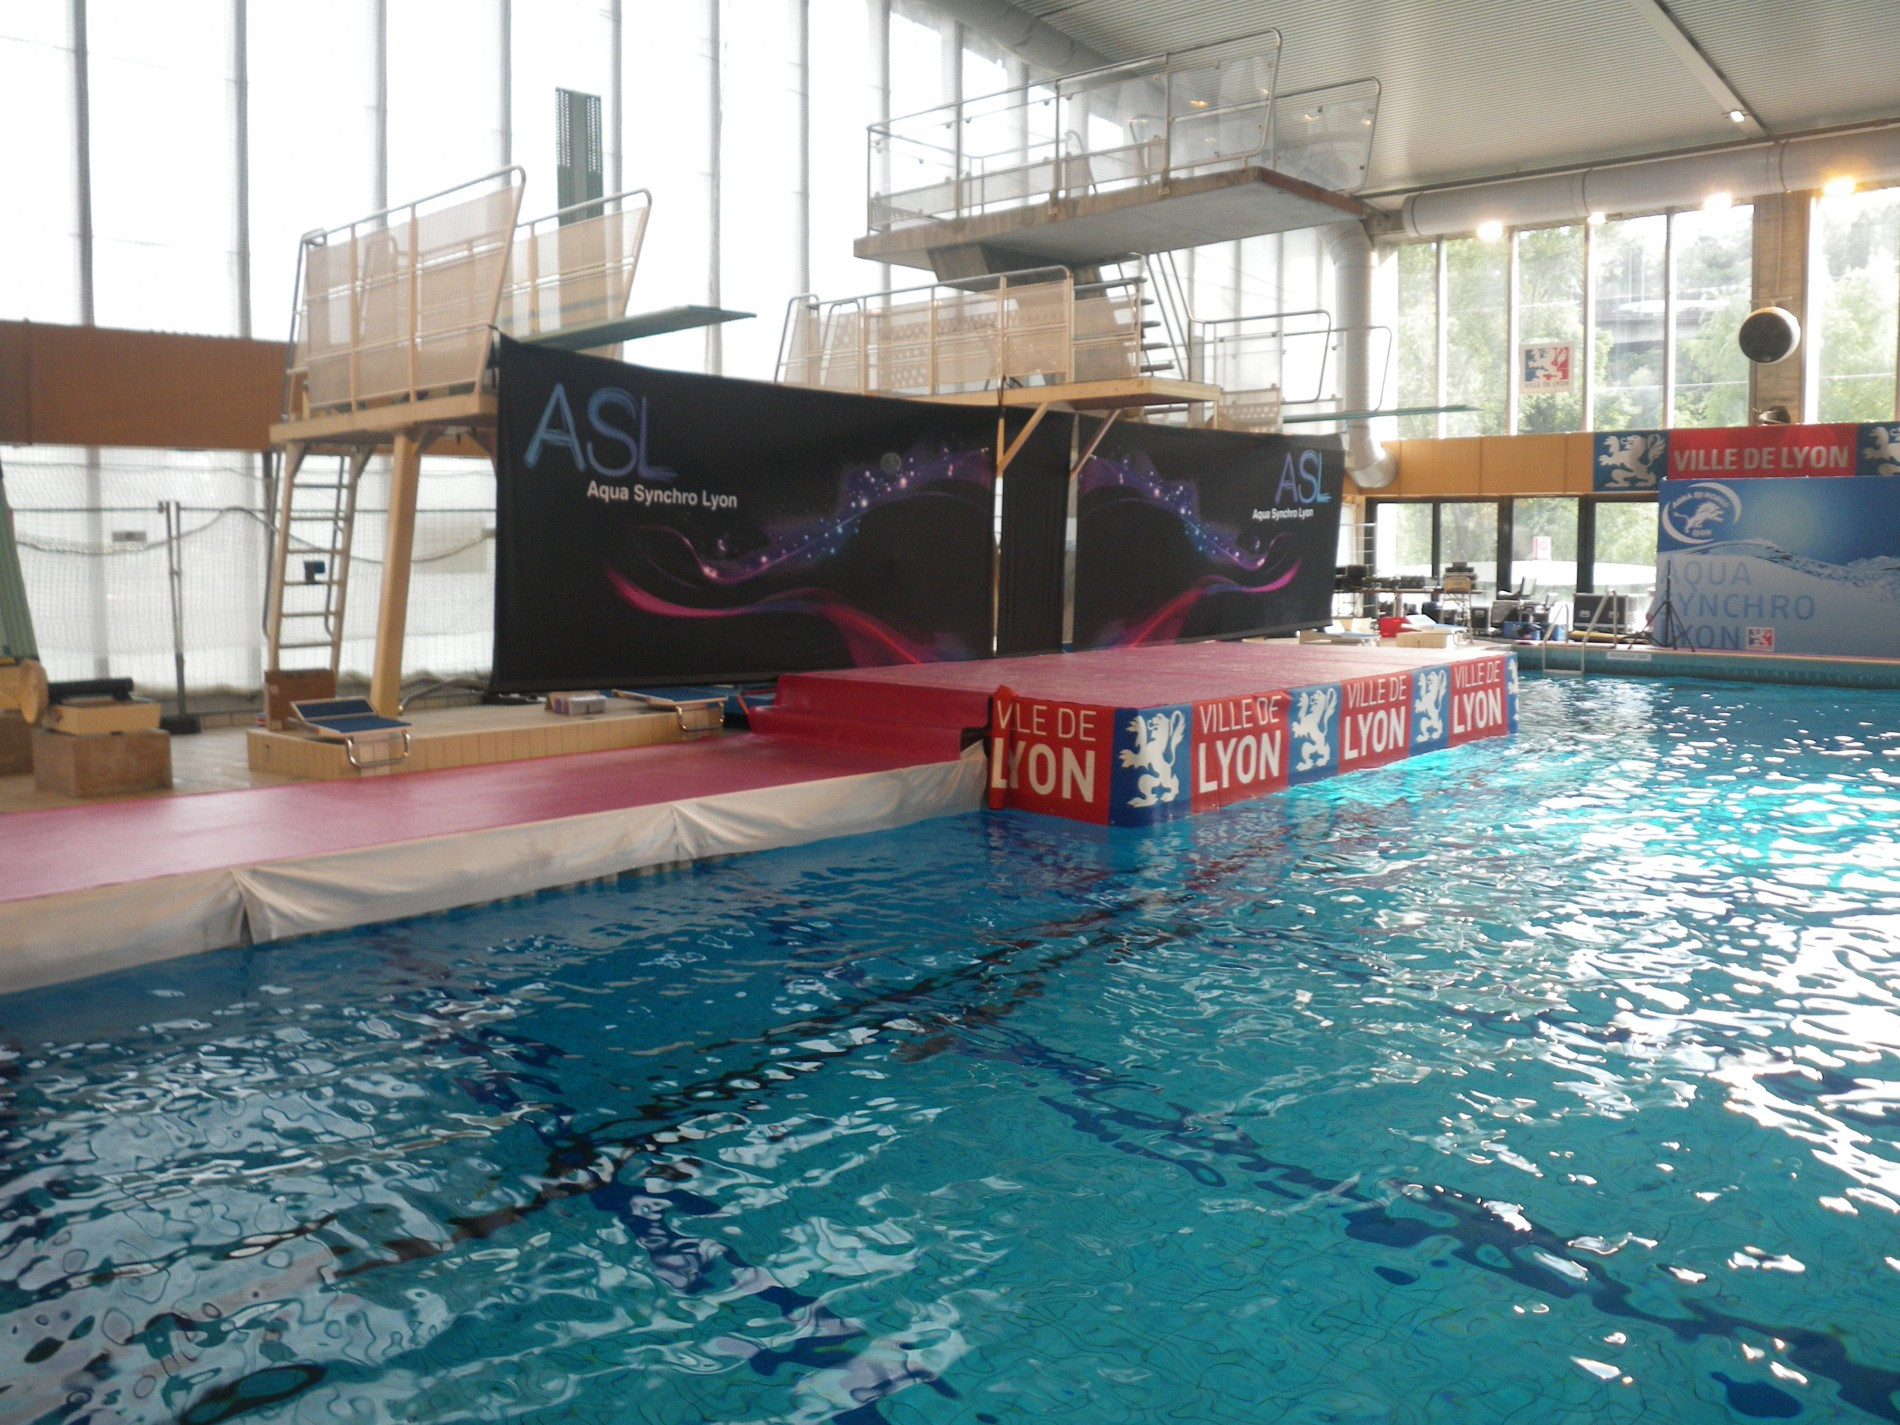 Marinefloor-Lyon-Piscine De Vaise Championnats De Natation ... à Piscine De Vaise